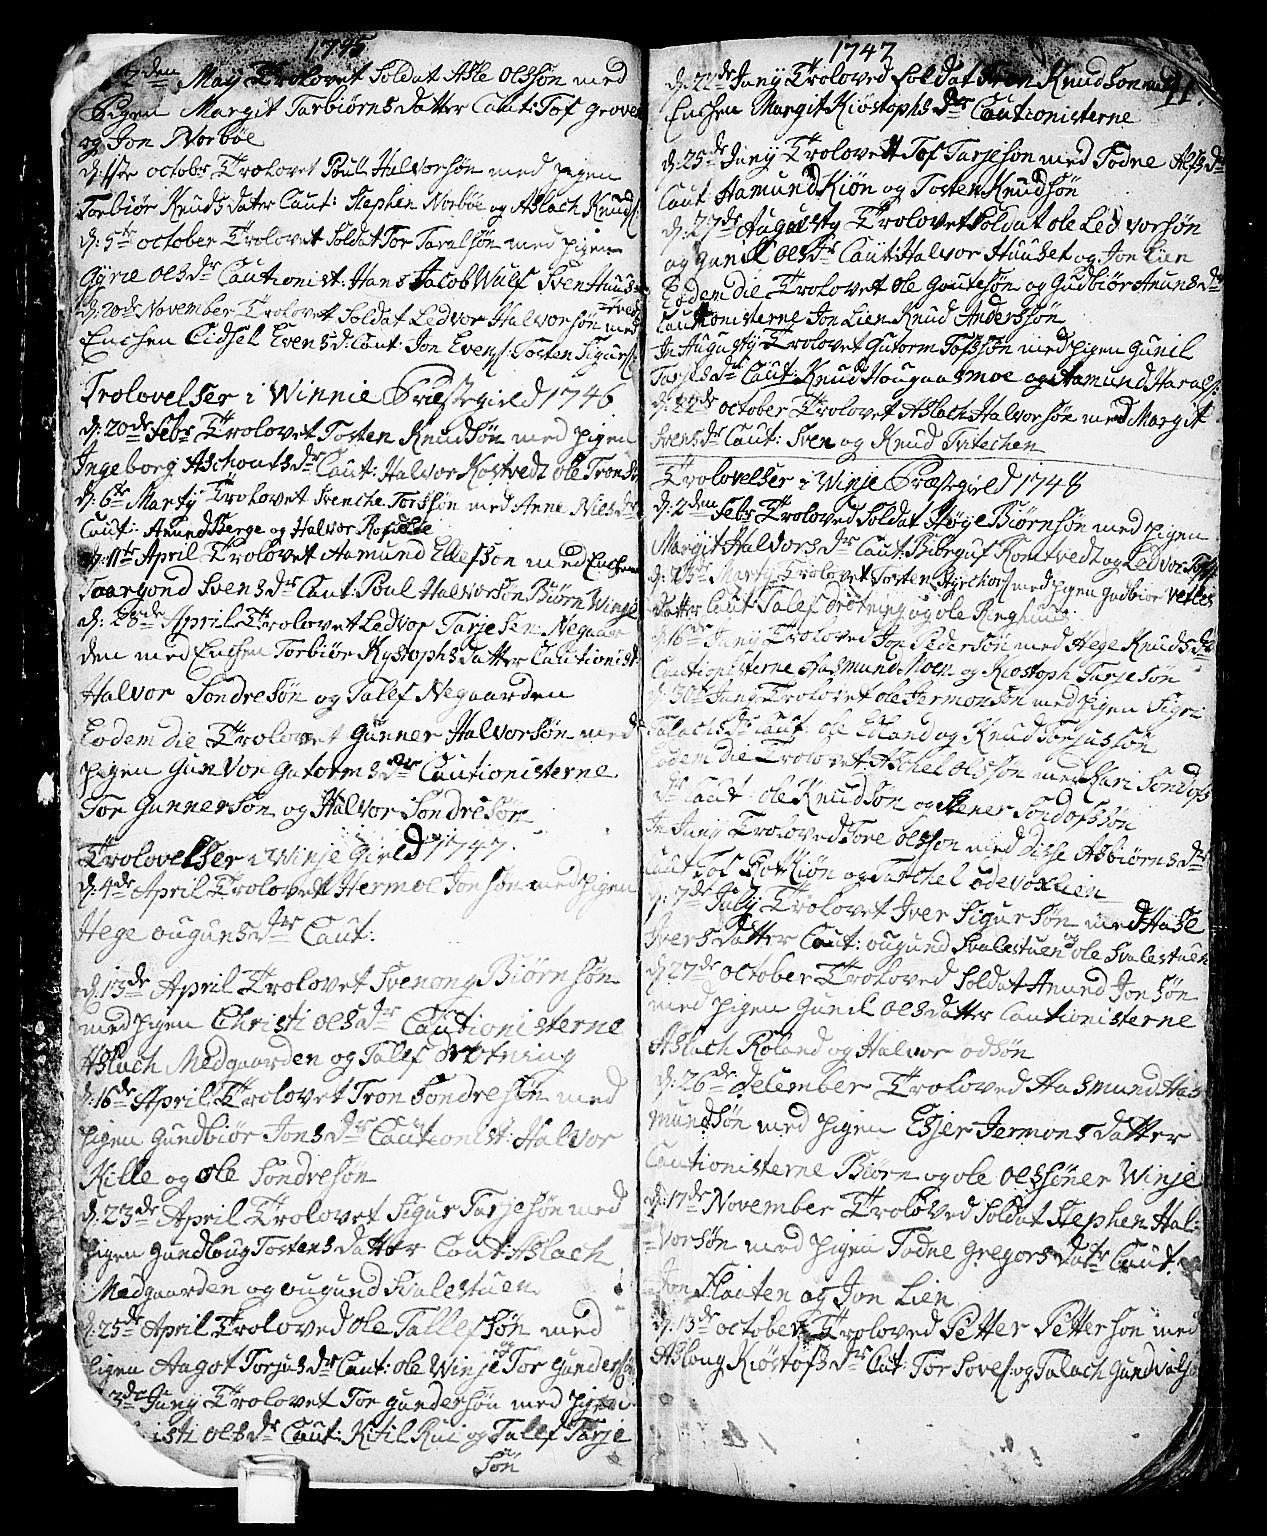 SAKO, Vinje kirkebøker, F/Fa/L0001: Ministerialbok nr. I 1, 1717-1766, s. 10